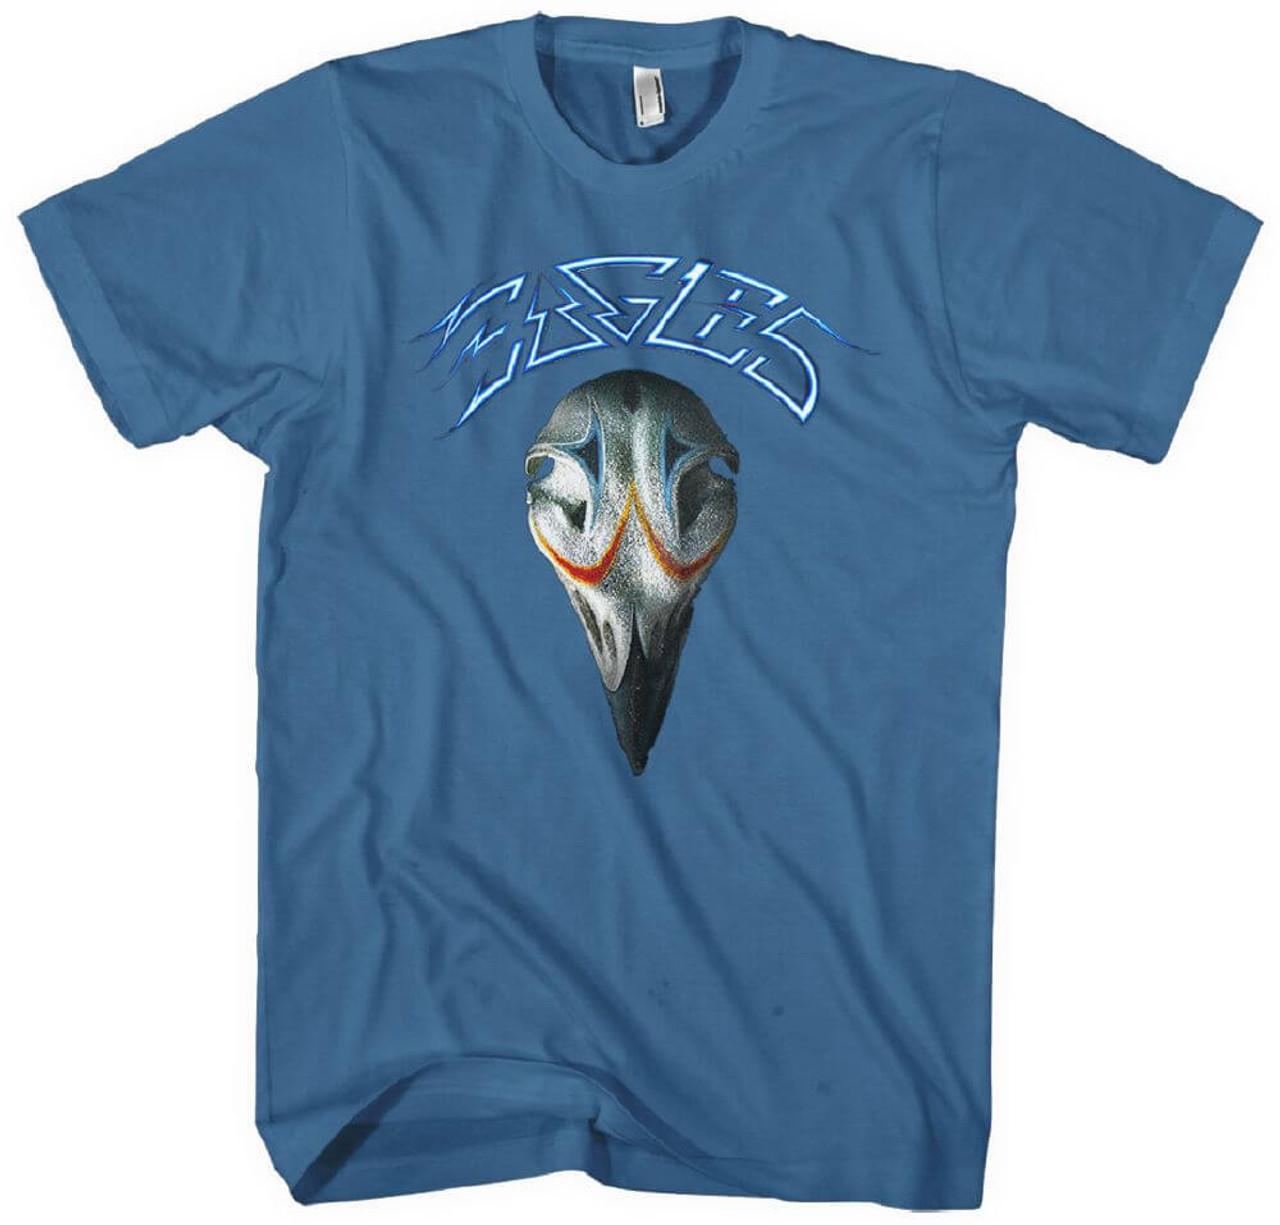 Eagles Greatest Hits Album Cover Artwork Men S T Shirt Rocker Rags